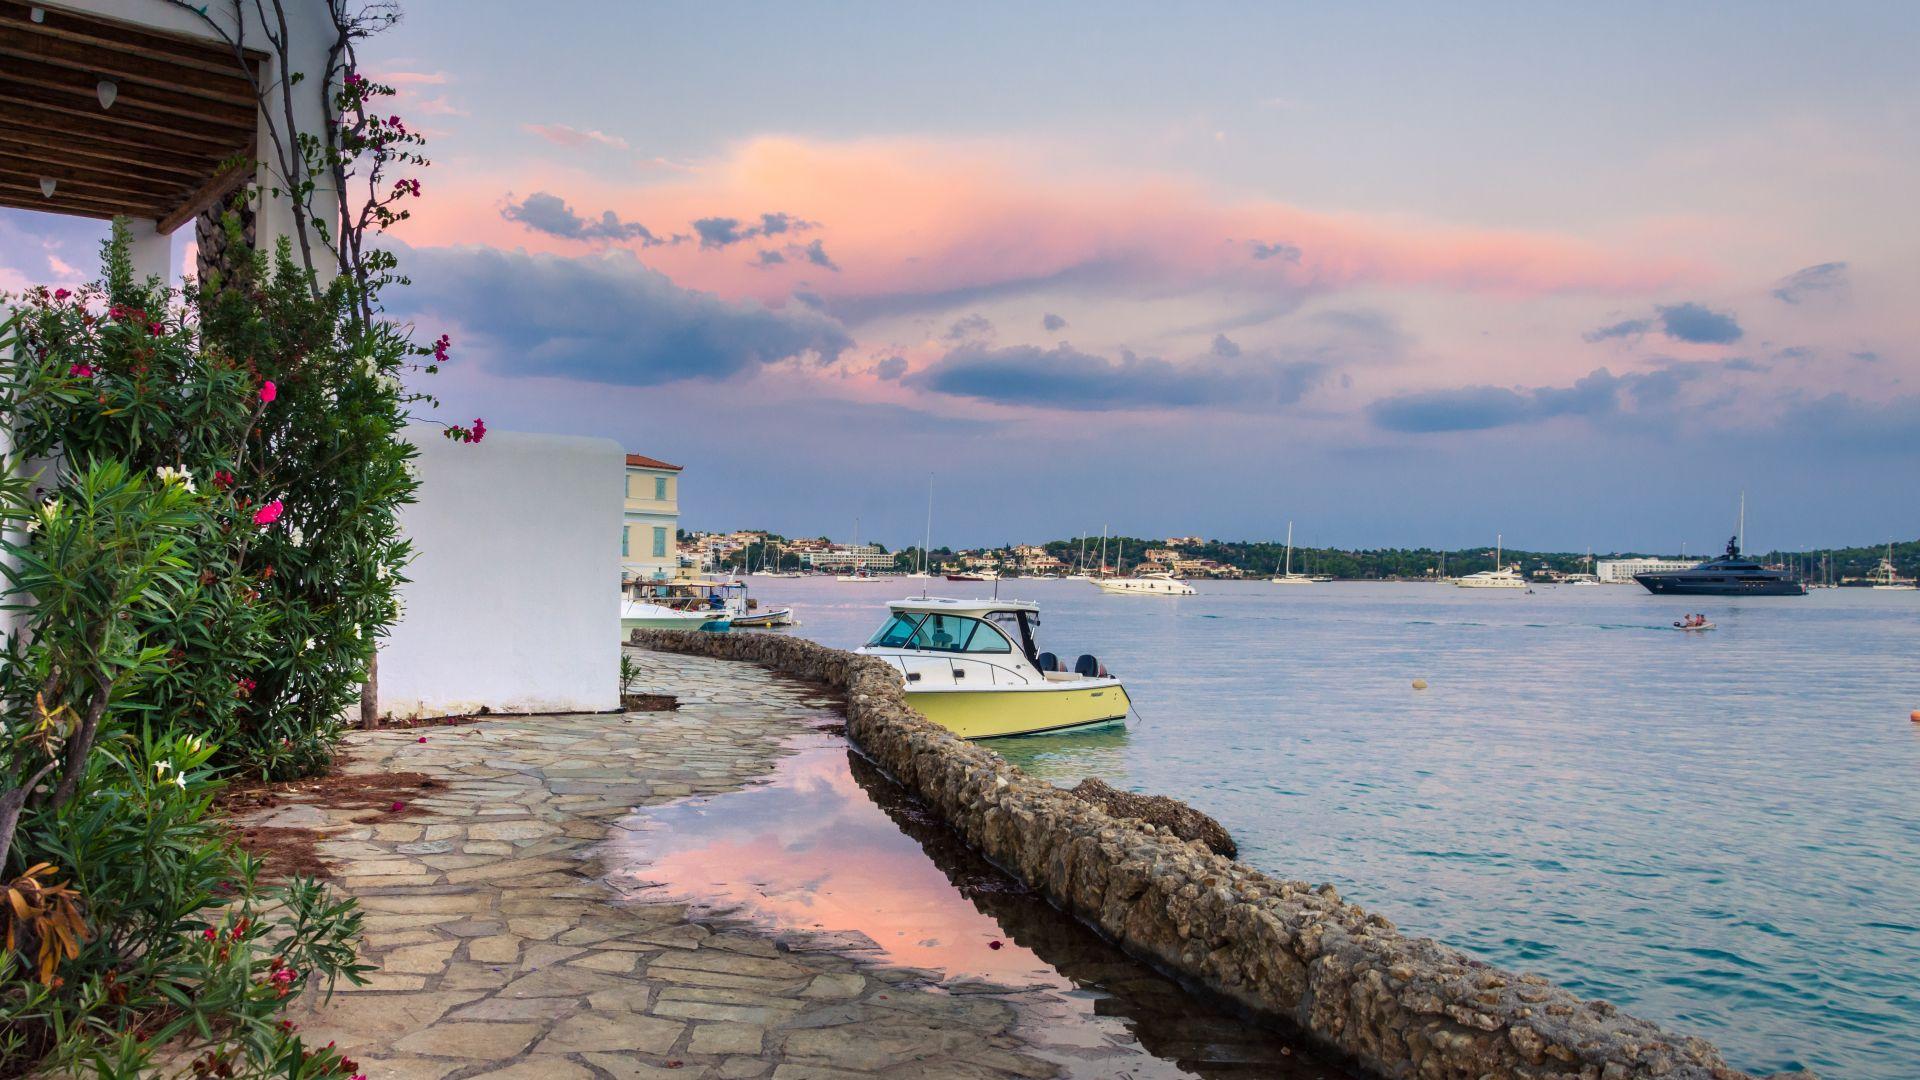 Френски туристи бяха задържани в Гърция след инцидент в морето